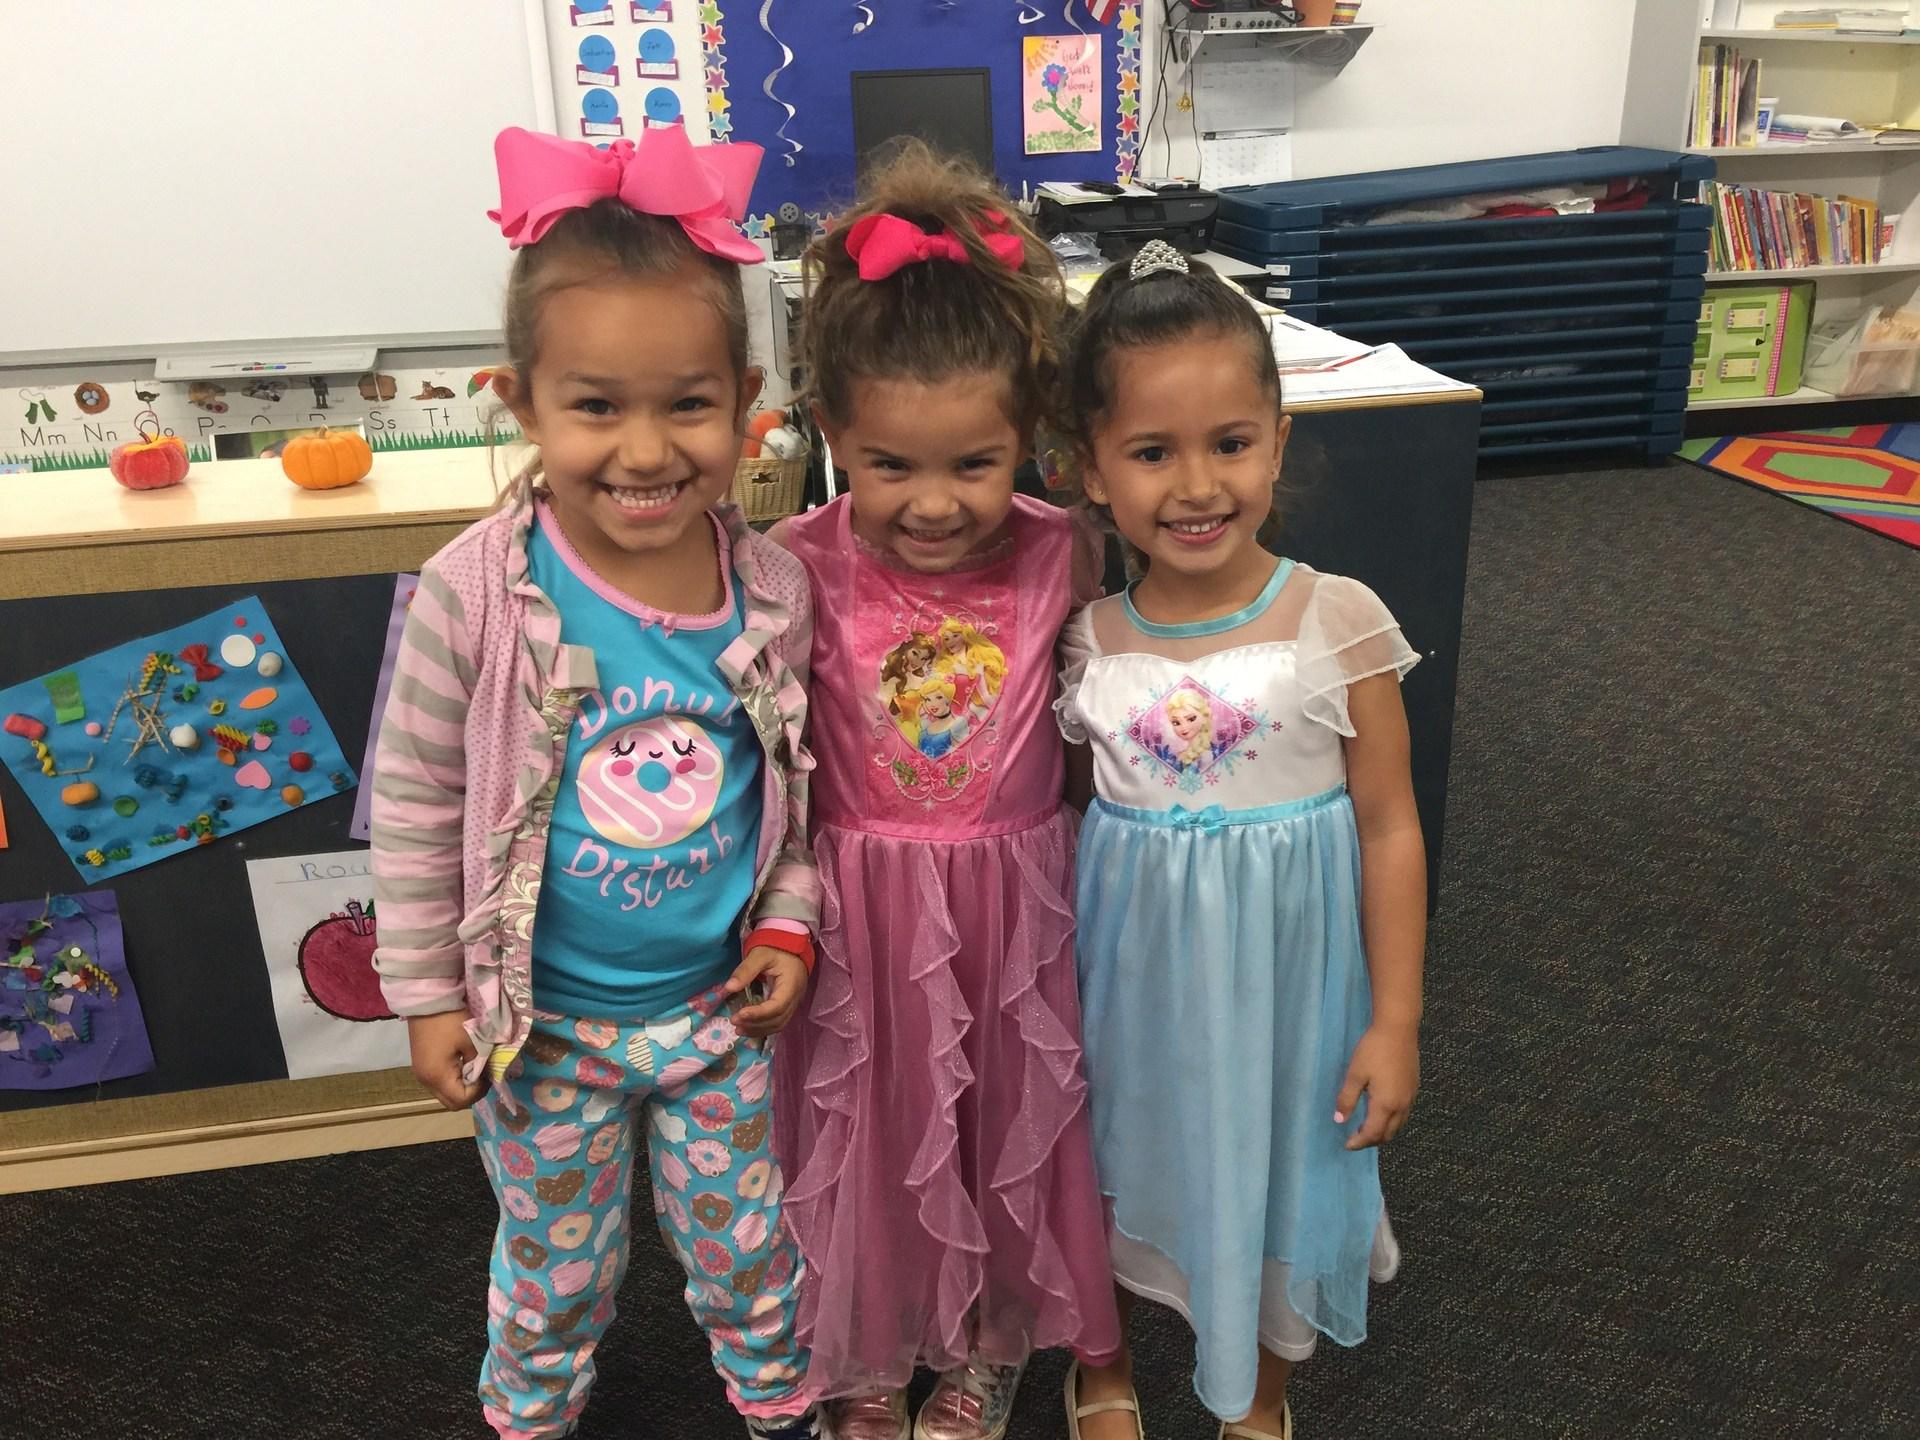 Pajama Day Princesses!